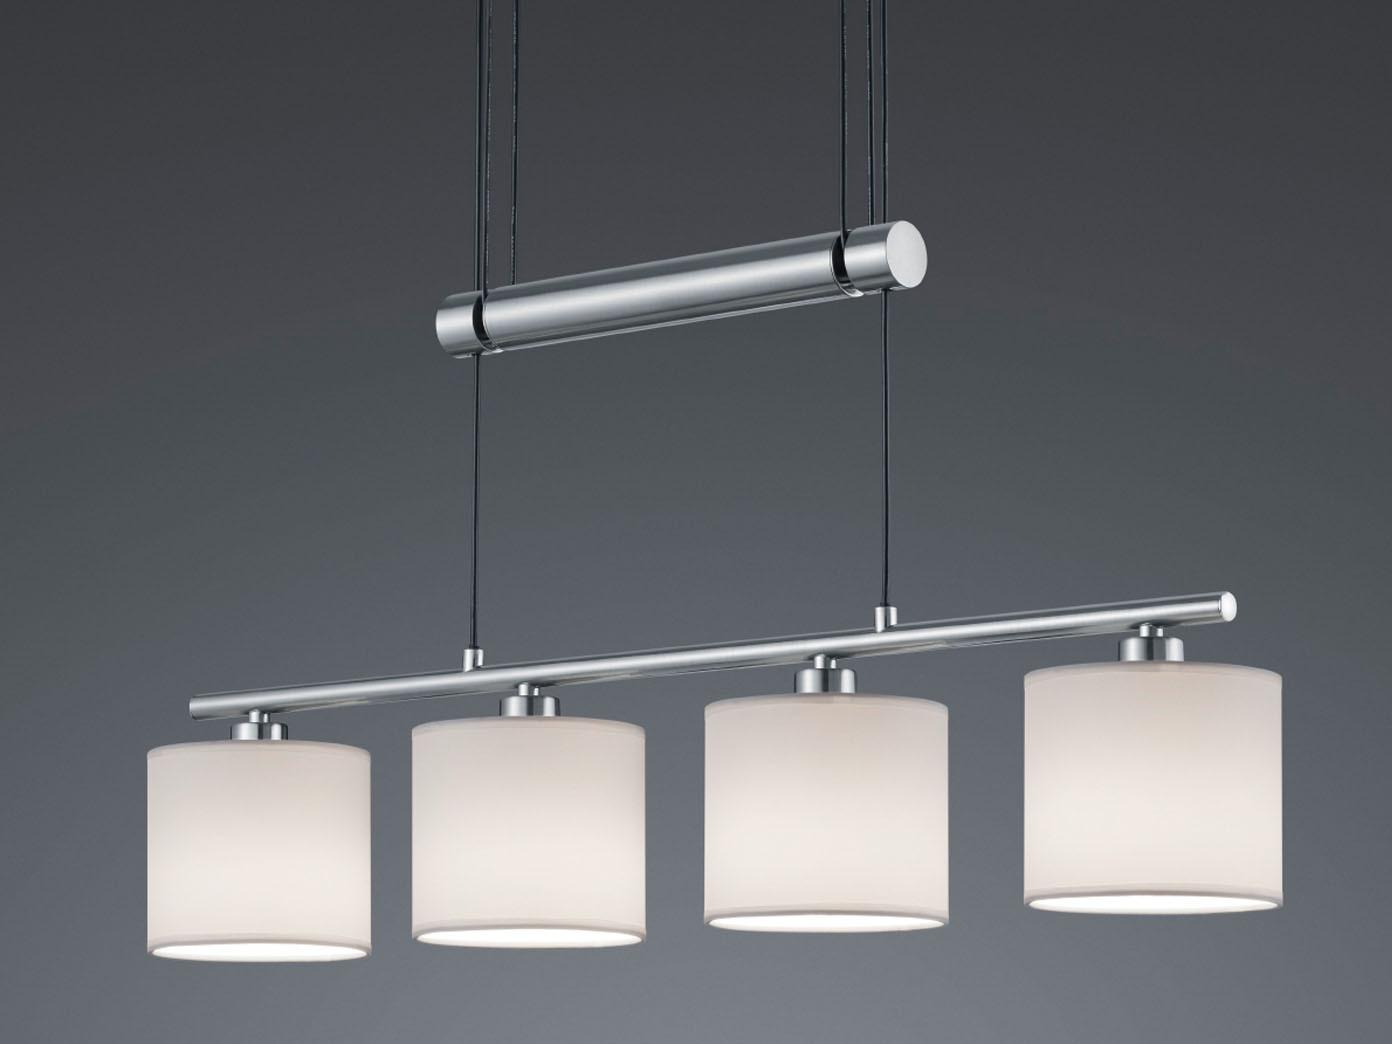 h ngelampe garda 4flammig mit led lampenschirme textil. Black Bedroom Furniture Sets. Home Design Ideas